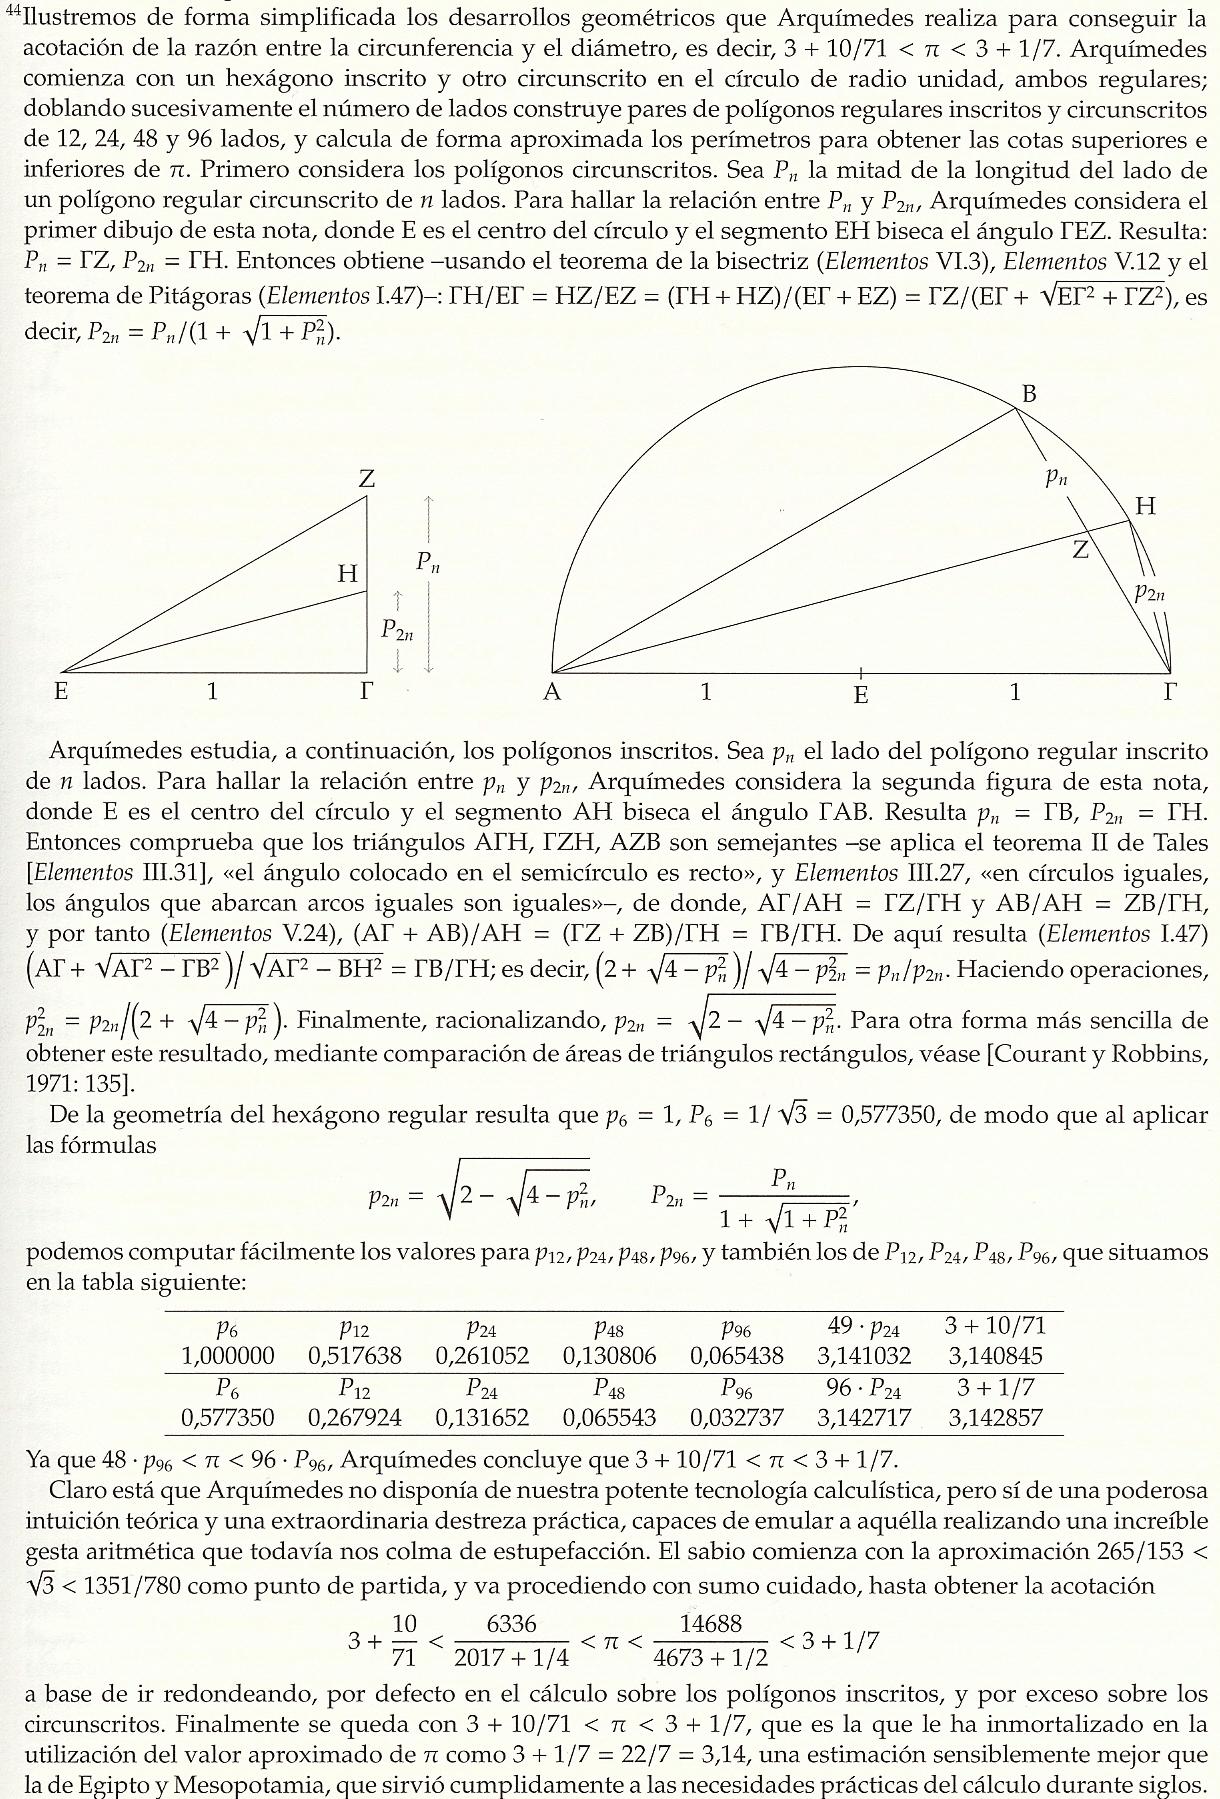 El asesinato de Pitágoras, historia y matemáticas (y II) — Cuaderno ...